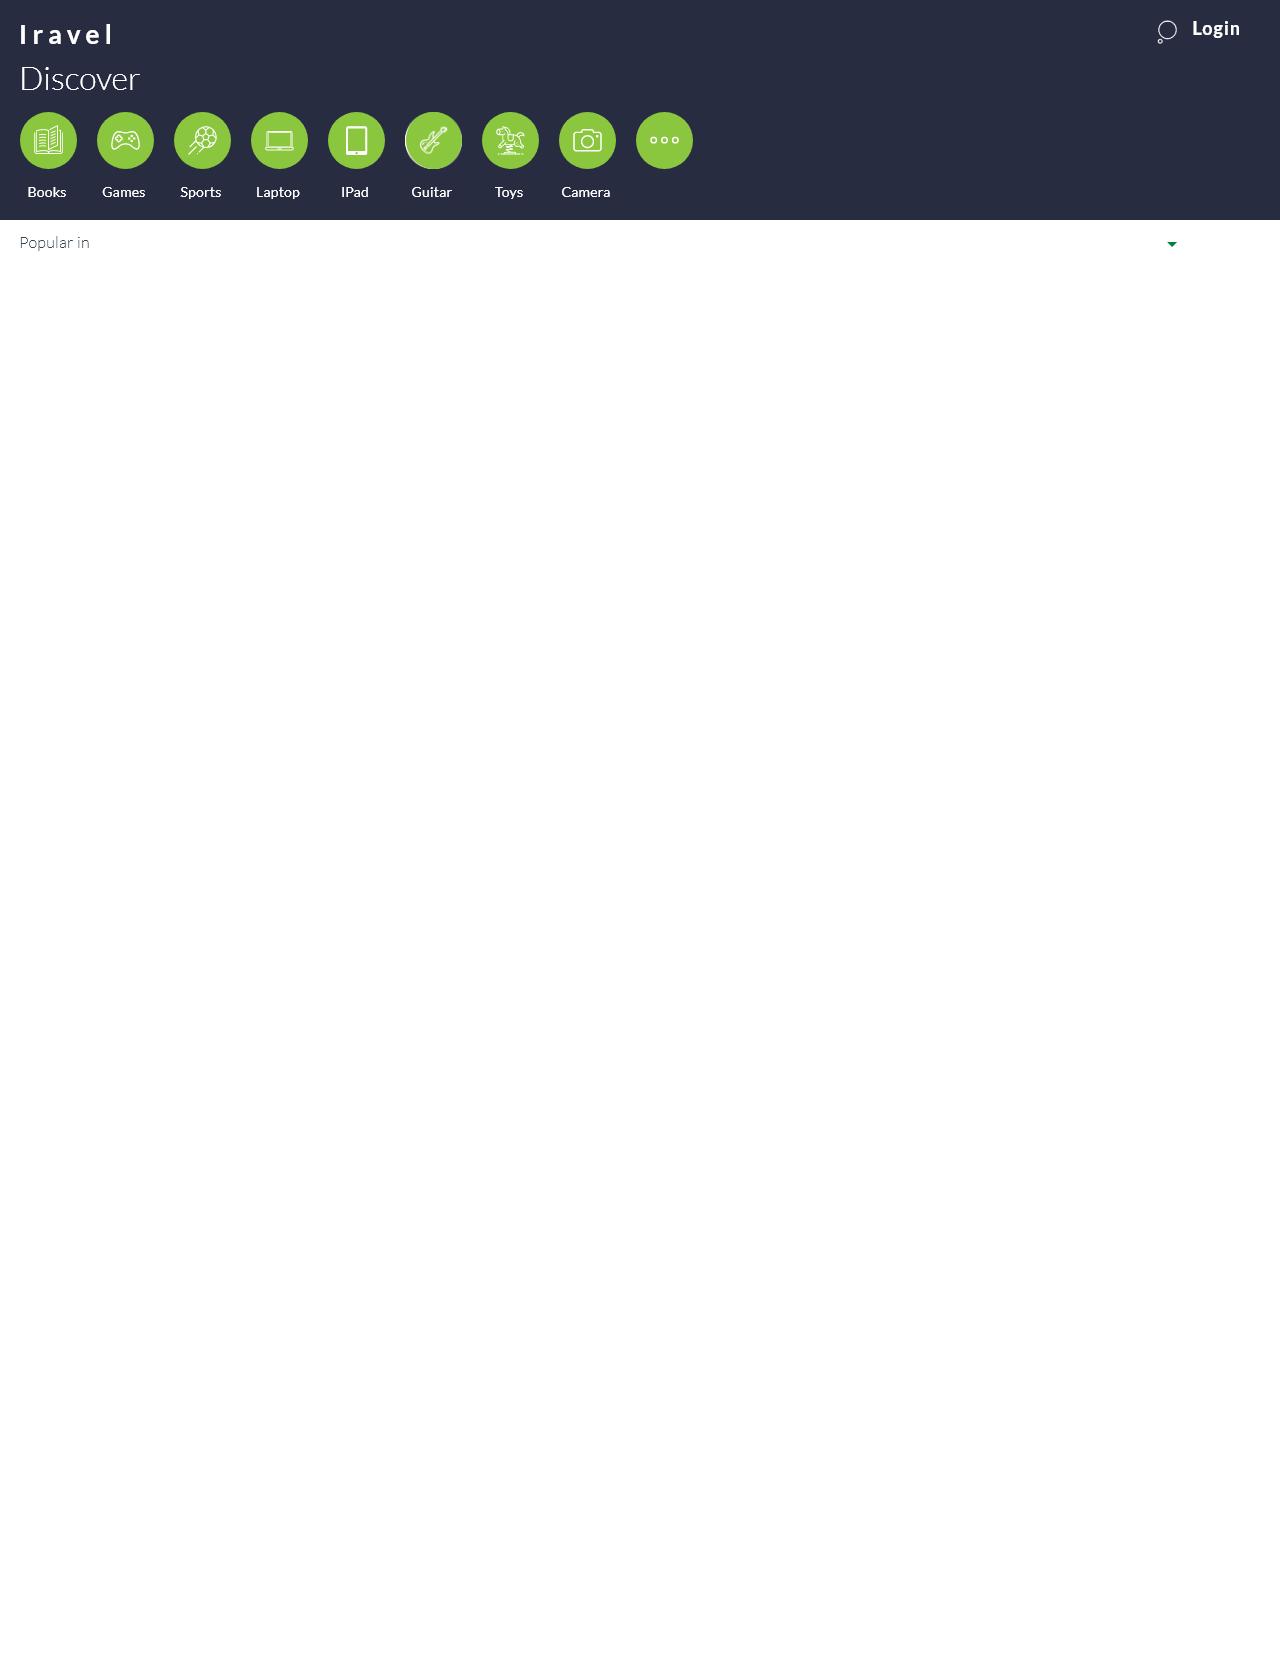 Screenshot Desktop - https://iravelshop.com/homepage